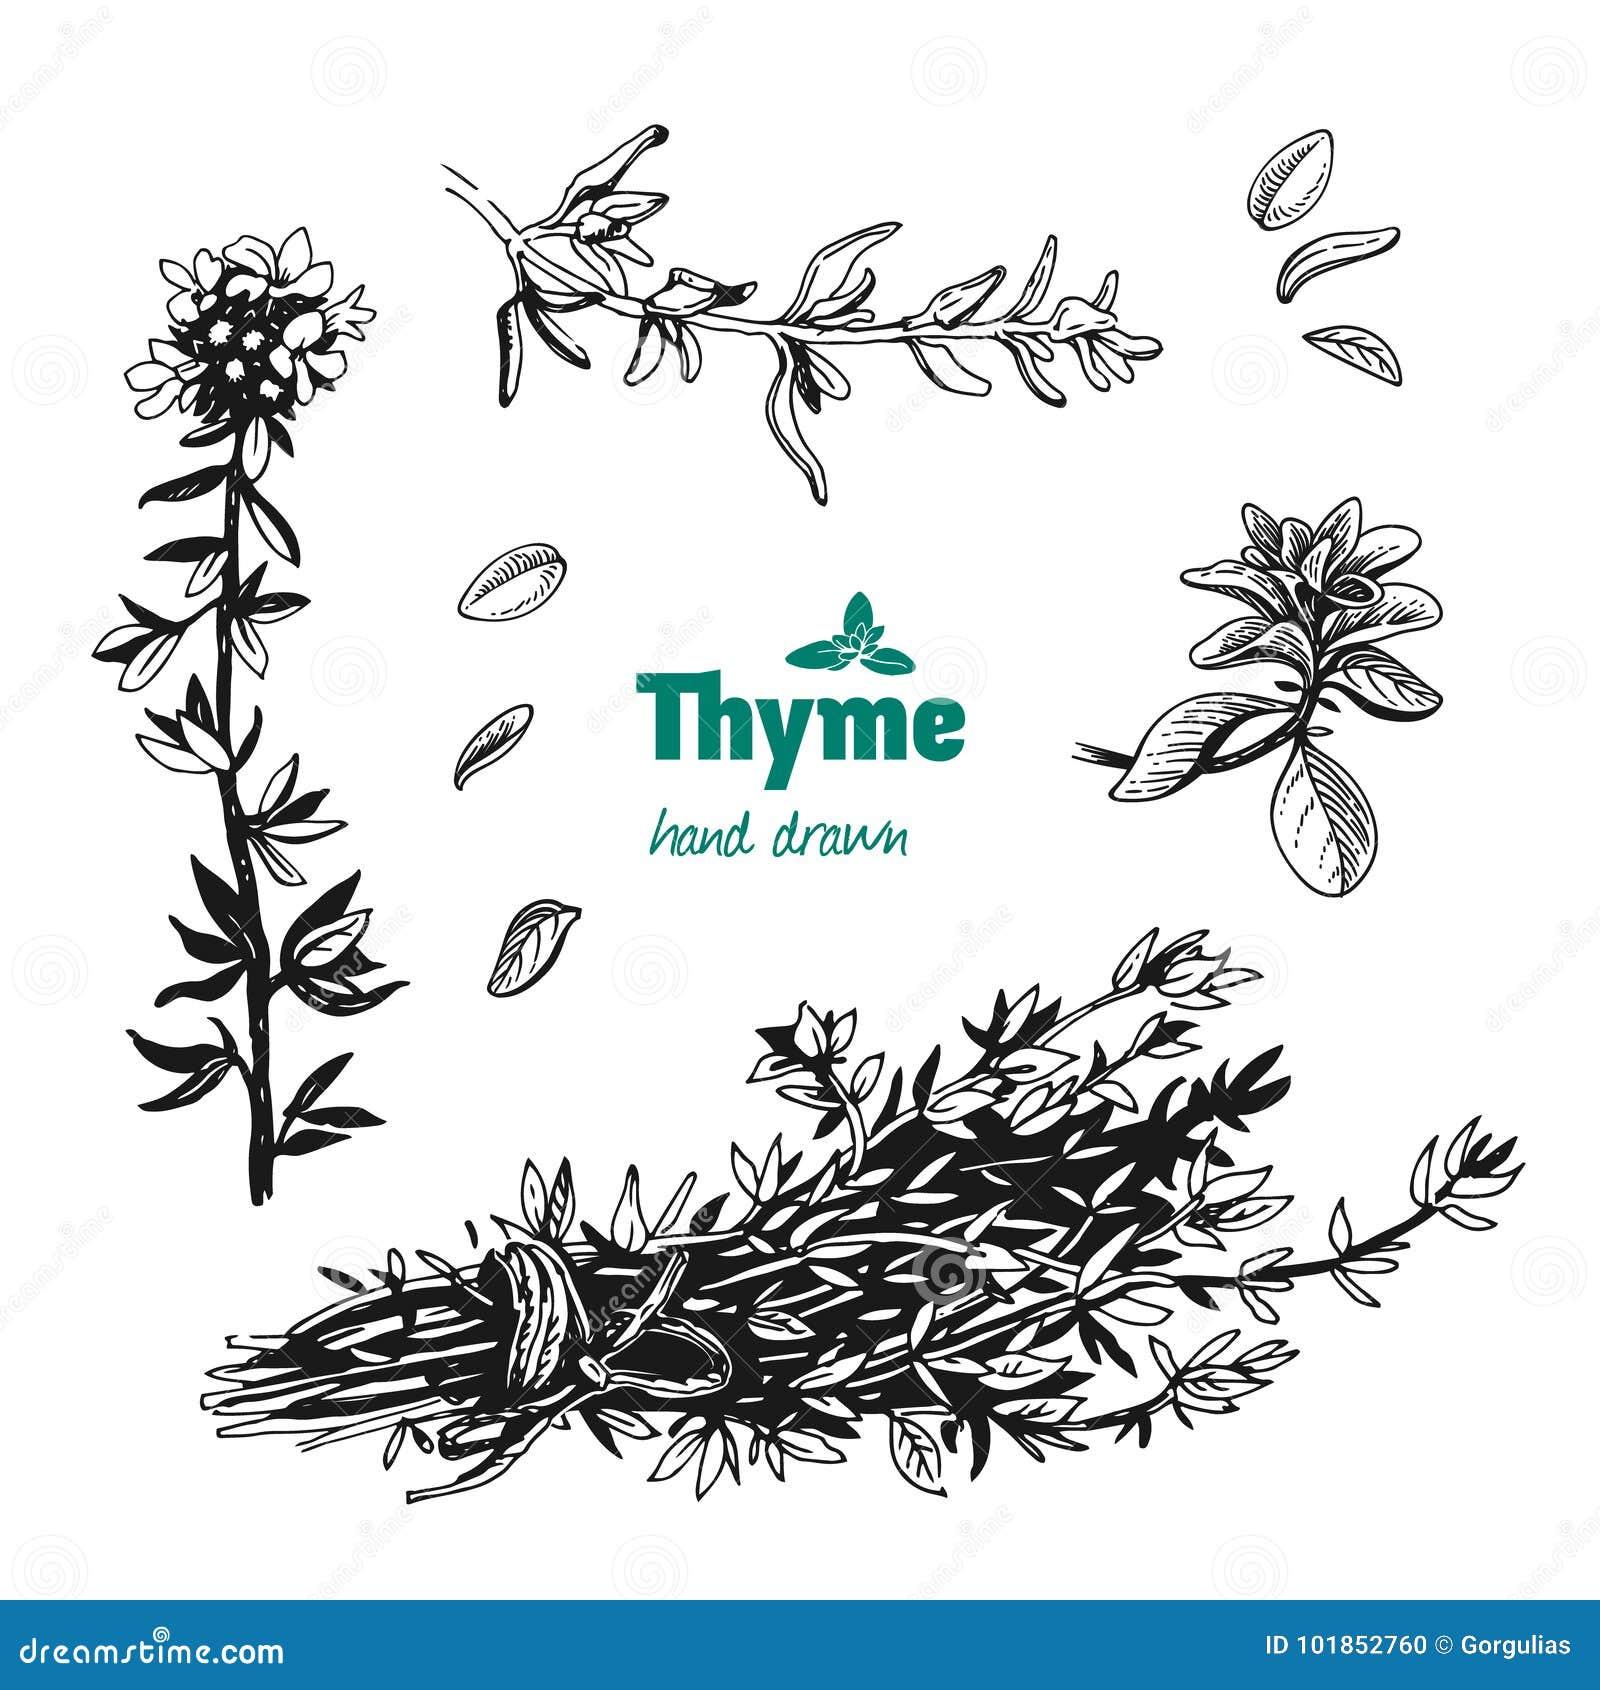 la plante, les feuilles, les fleurs et le groupe de thym dirigent l